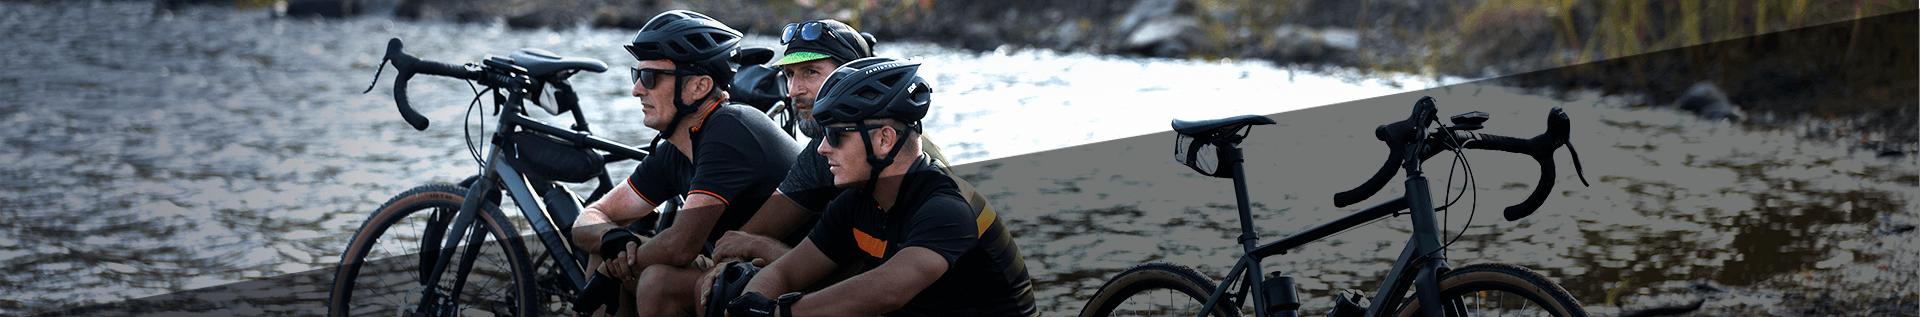 Гравійні і турінгові велосипеди